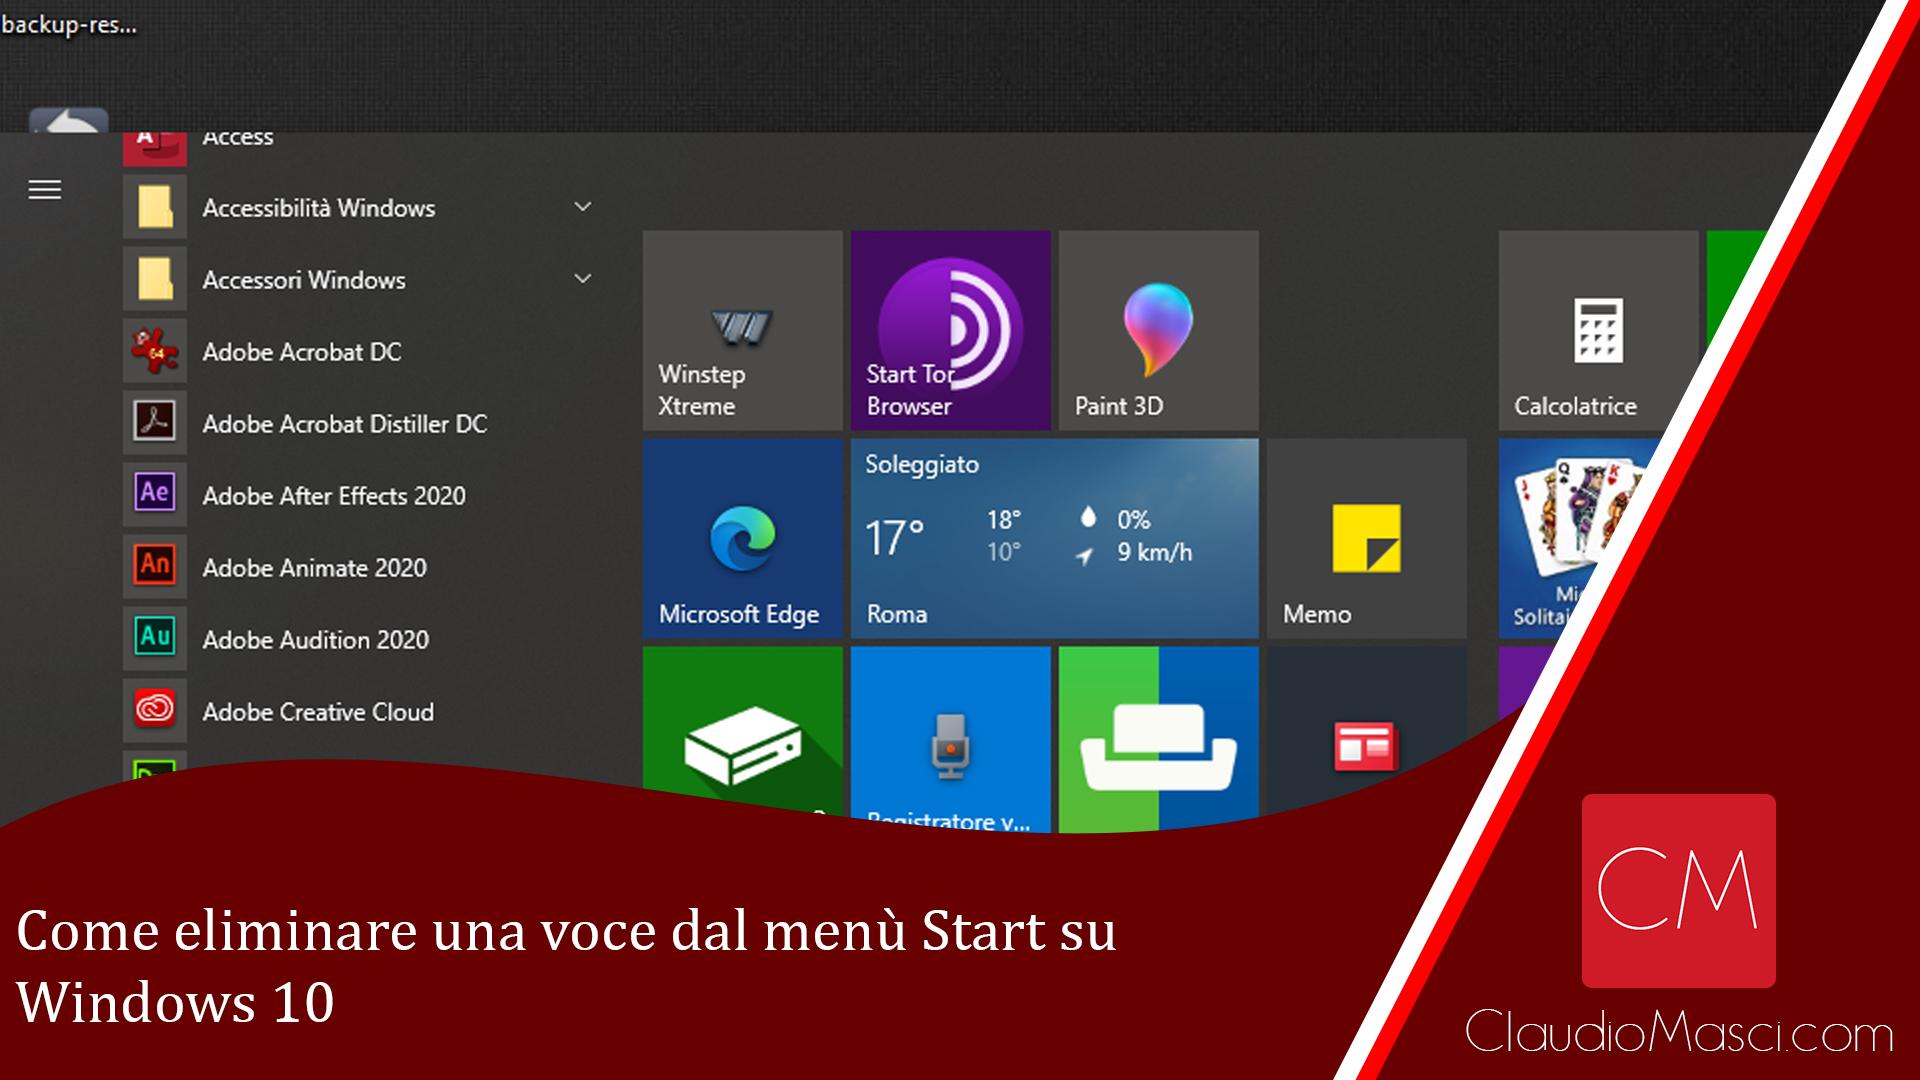 Come eliminare una voce dal menù Start su Windows 10